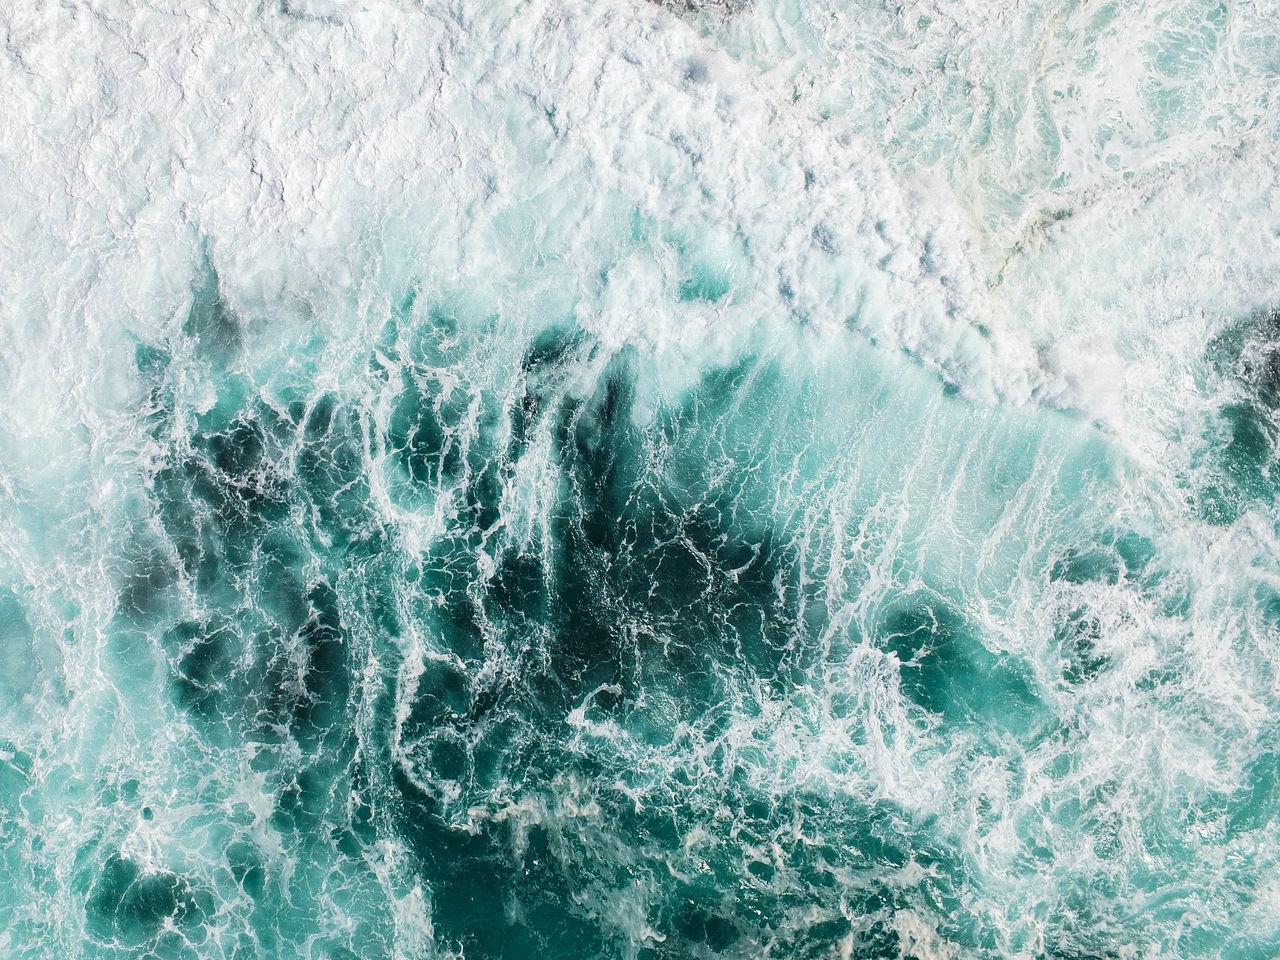 Splashing sea wave